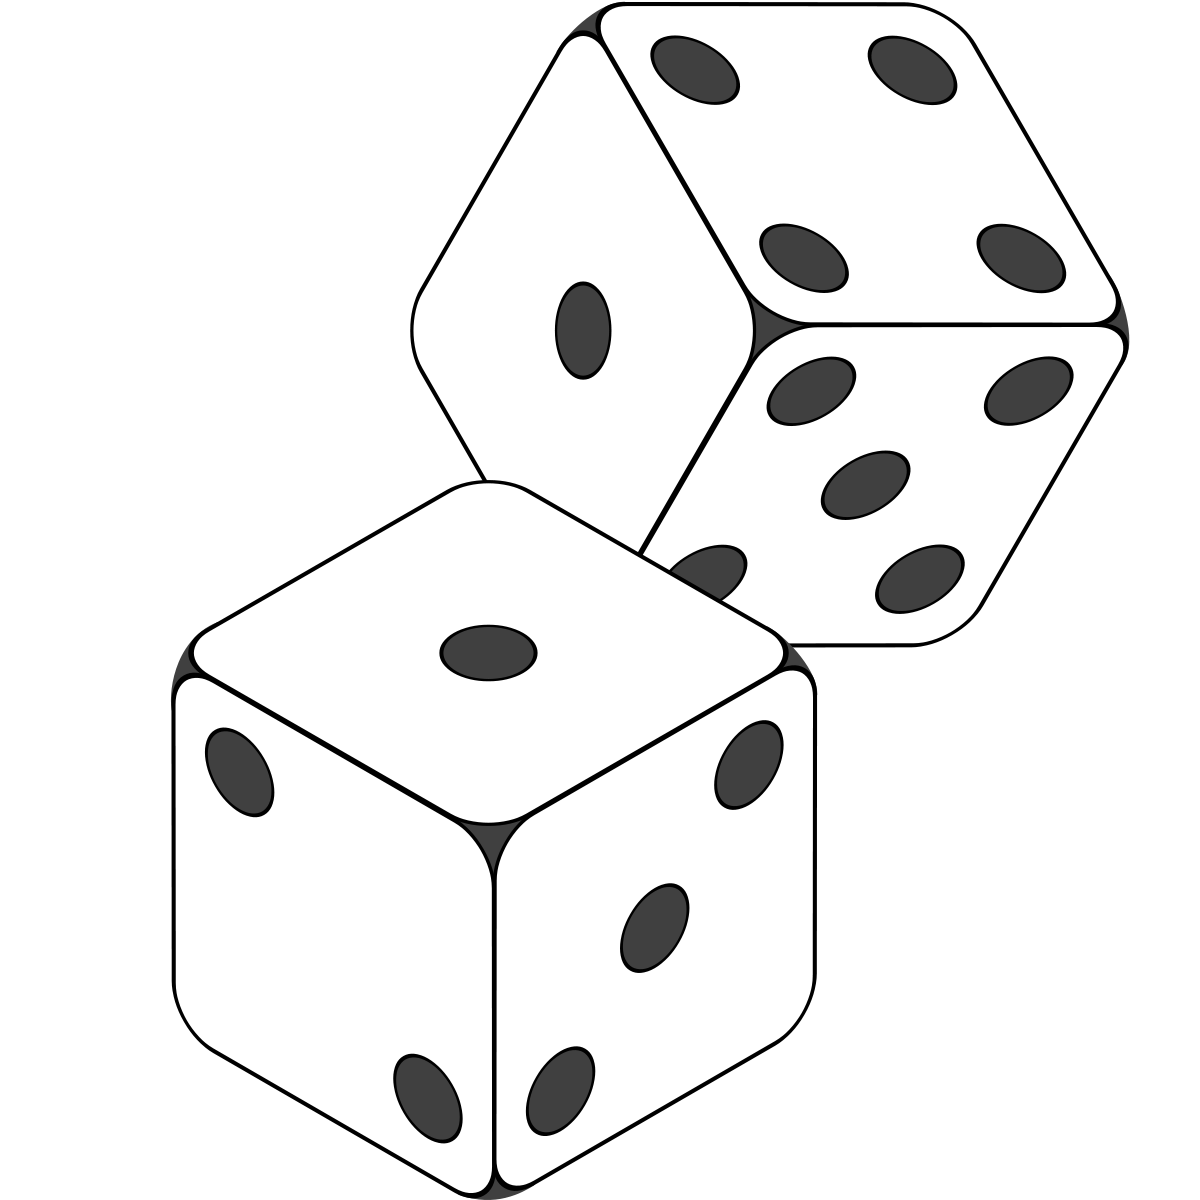 Musikalisches w rfelspiel wikipedia. Europe clipart game